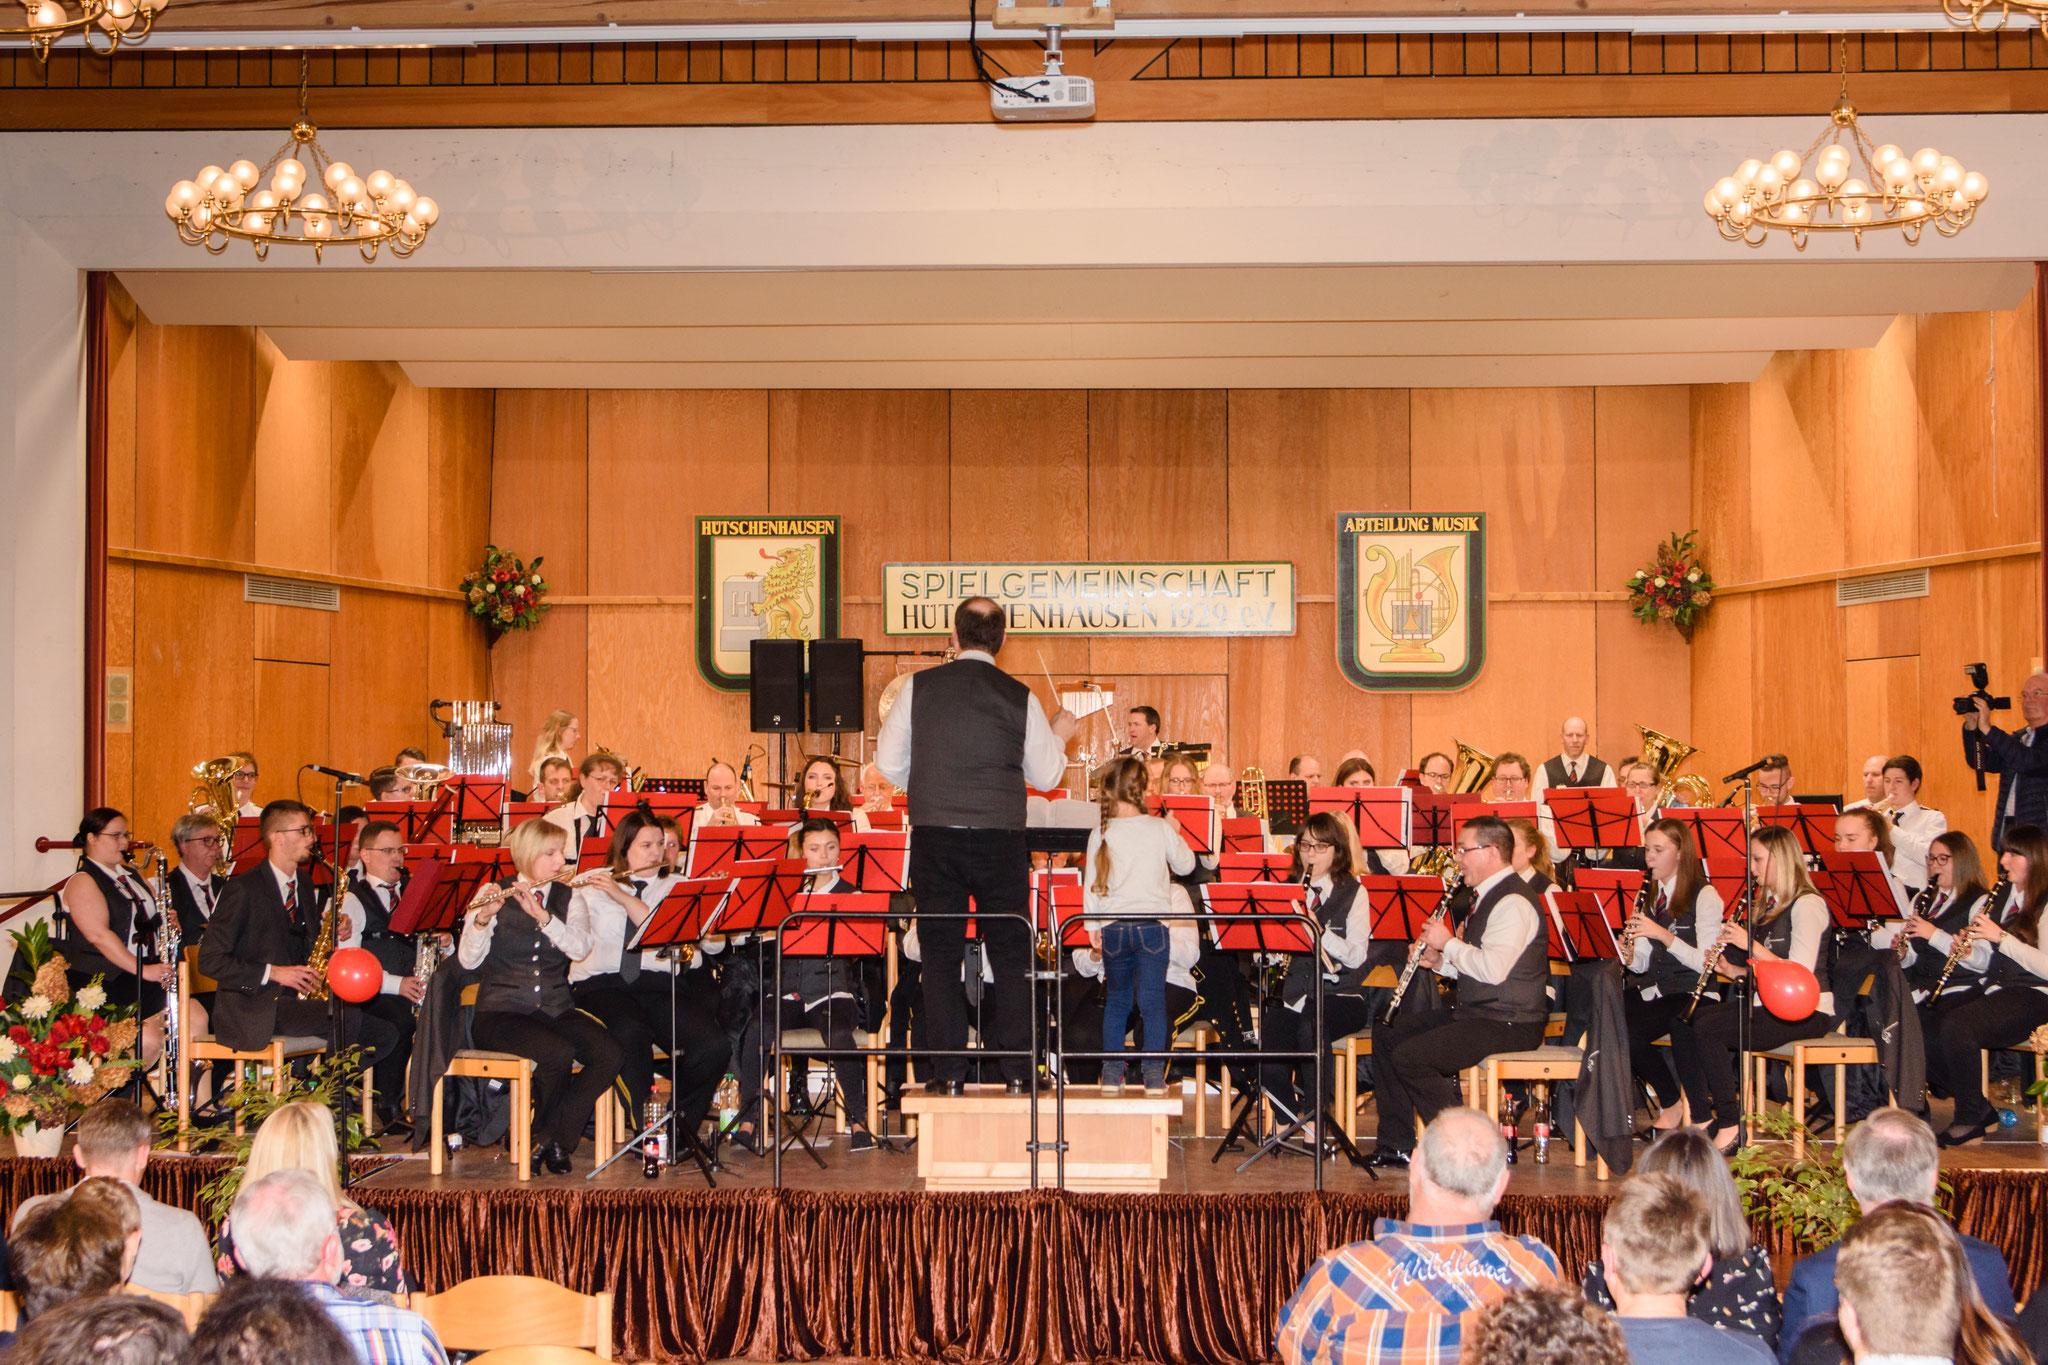 Unser Konzertabend startet mit über 60 Musikerinnen und Musikern im Bürgerhaus Hütschenhausen.